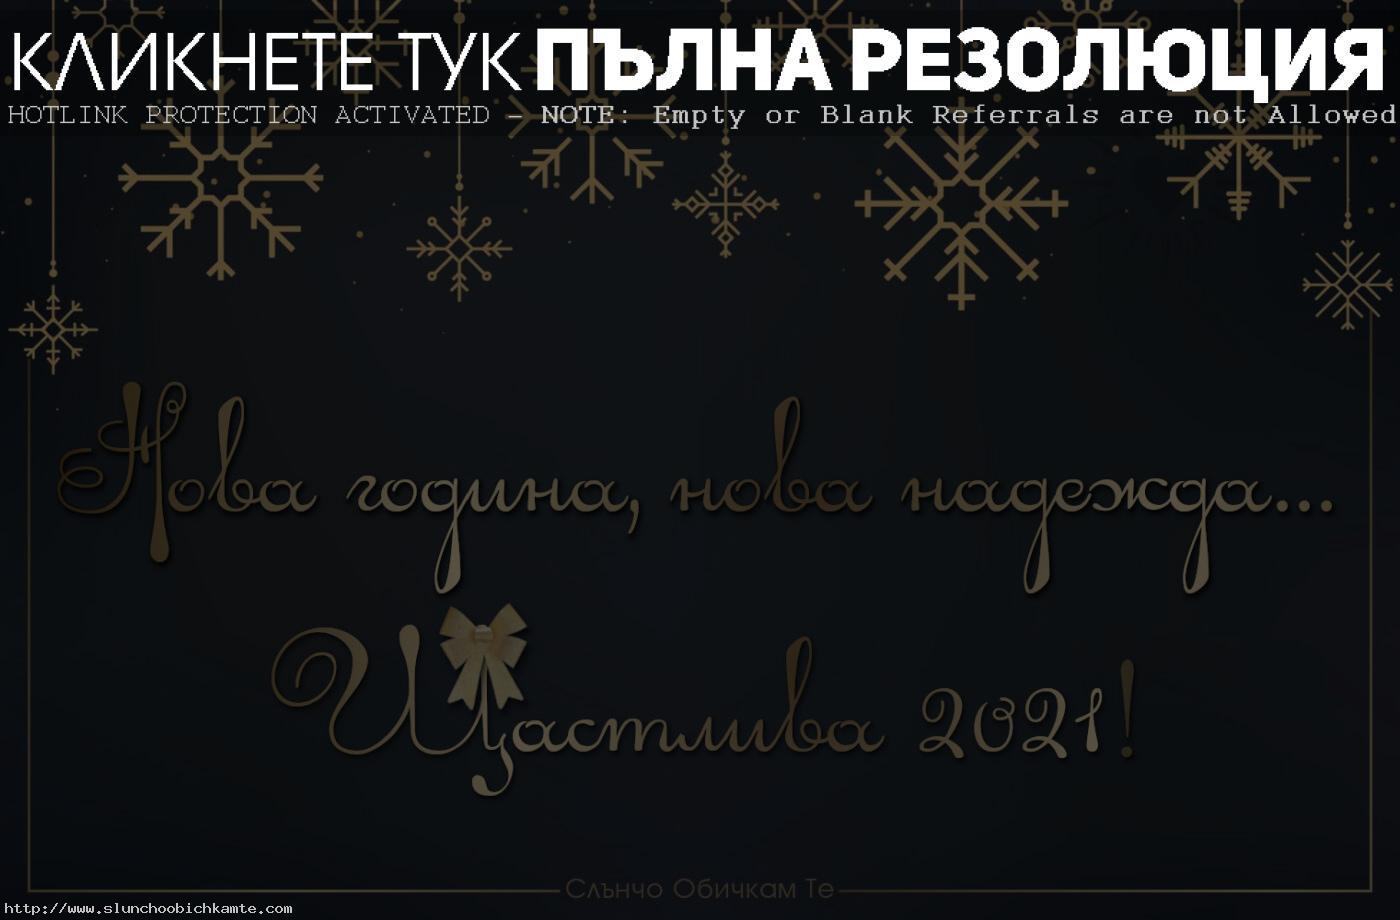 Щастлива 2021 година - Нова година нова надежда. Честита нова година, картички за нова година, новогодишни картички